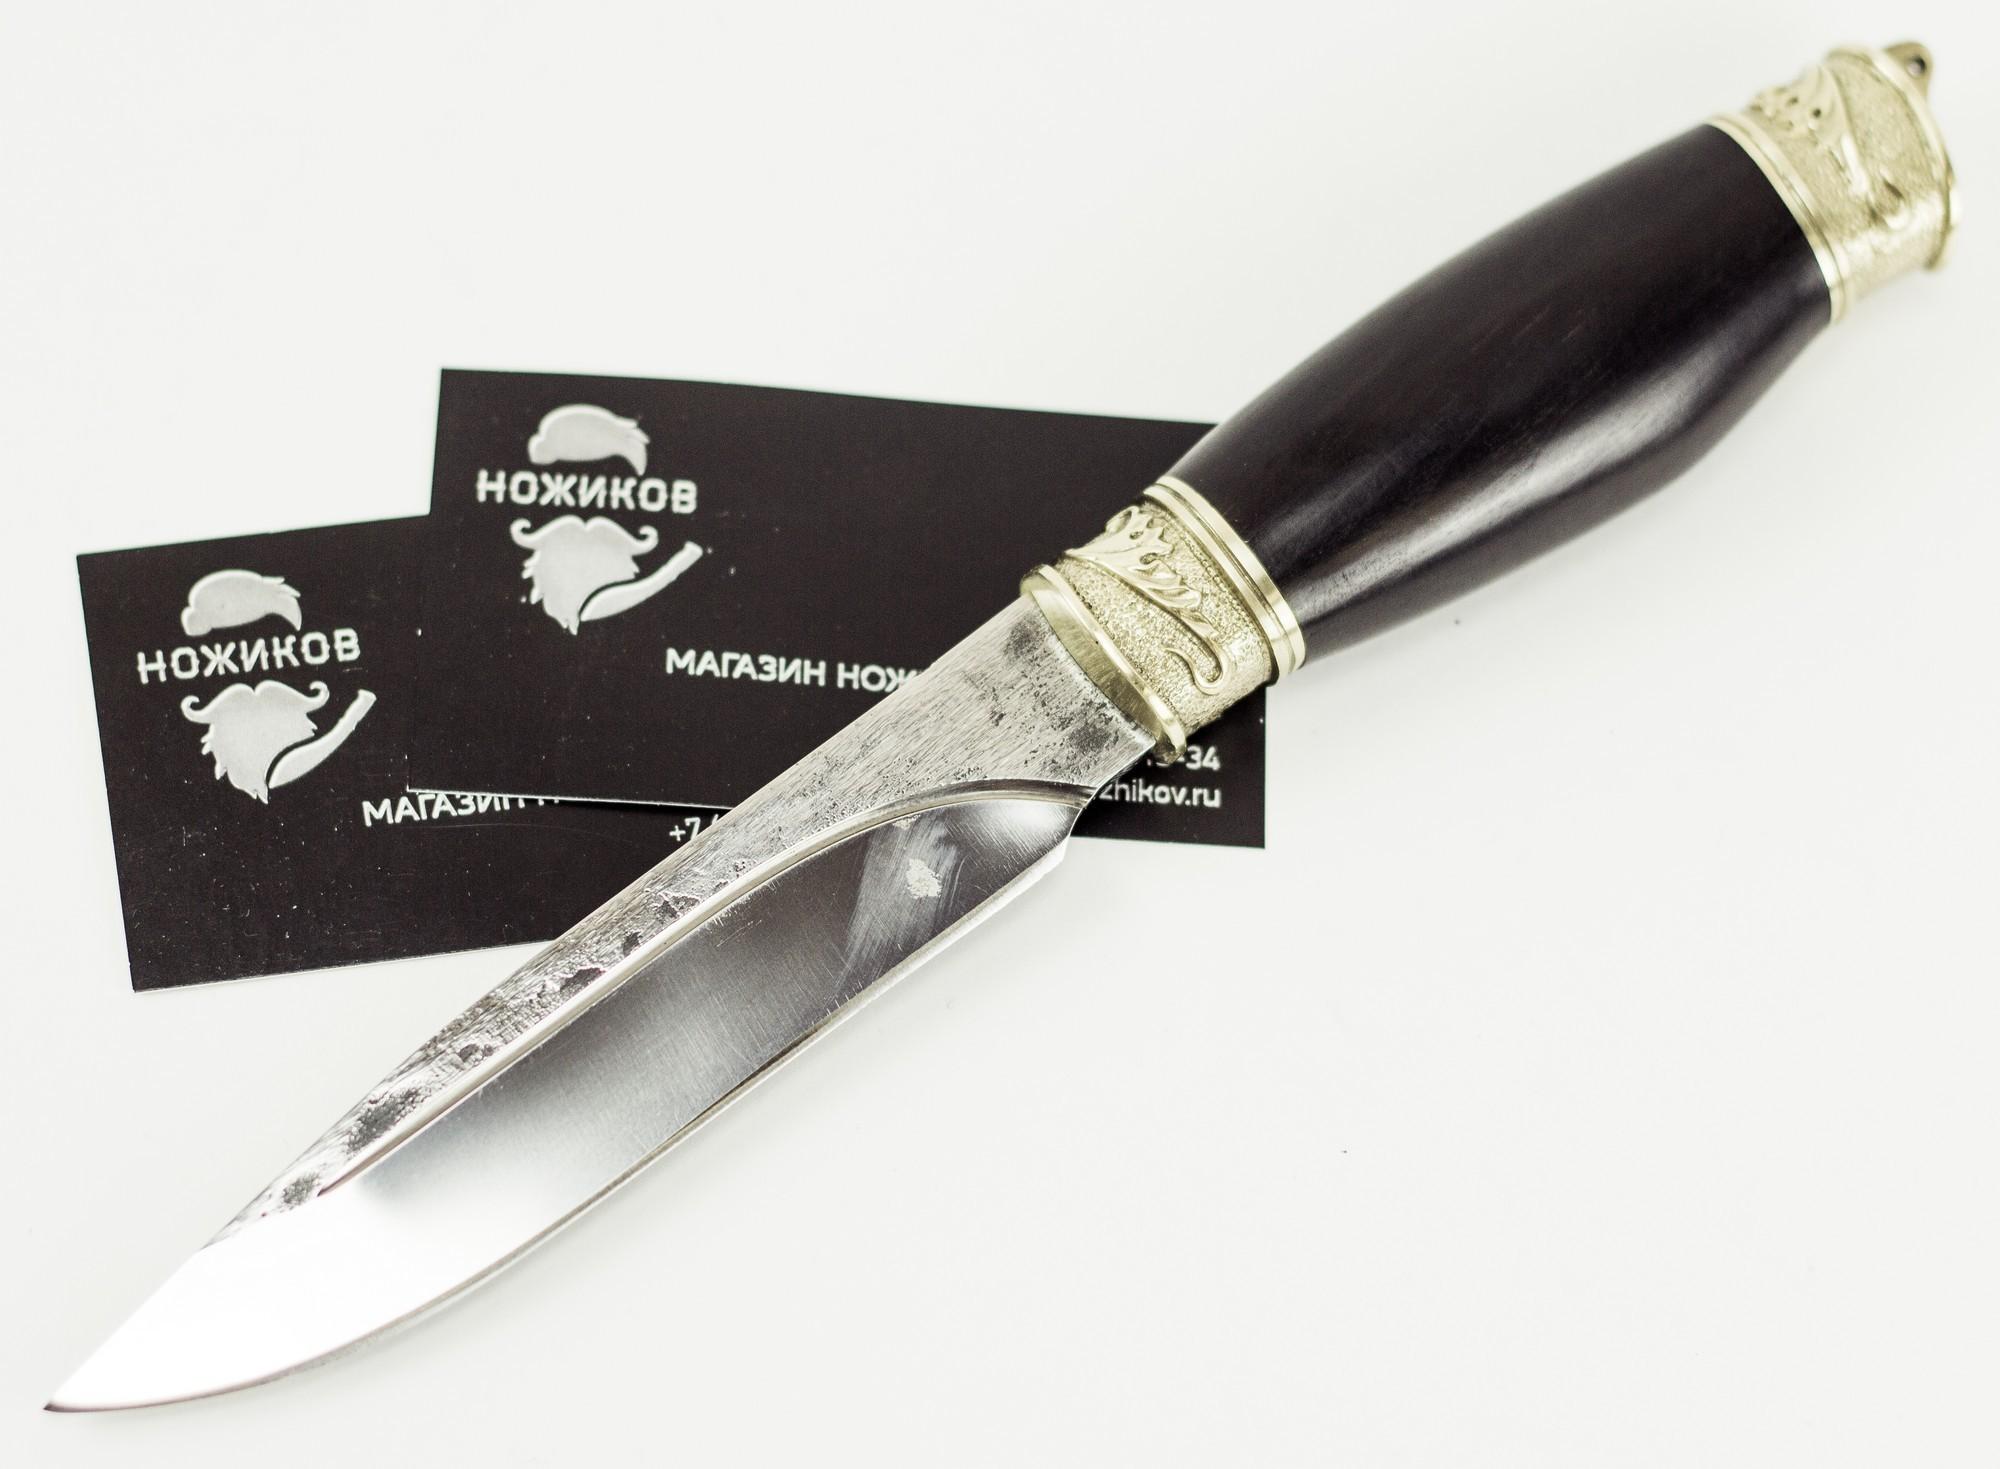 Нож Р-1 из кованой стали х12мф, Кизляр нож тур кизляр х12мф с головой волка